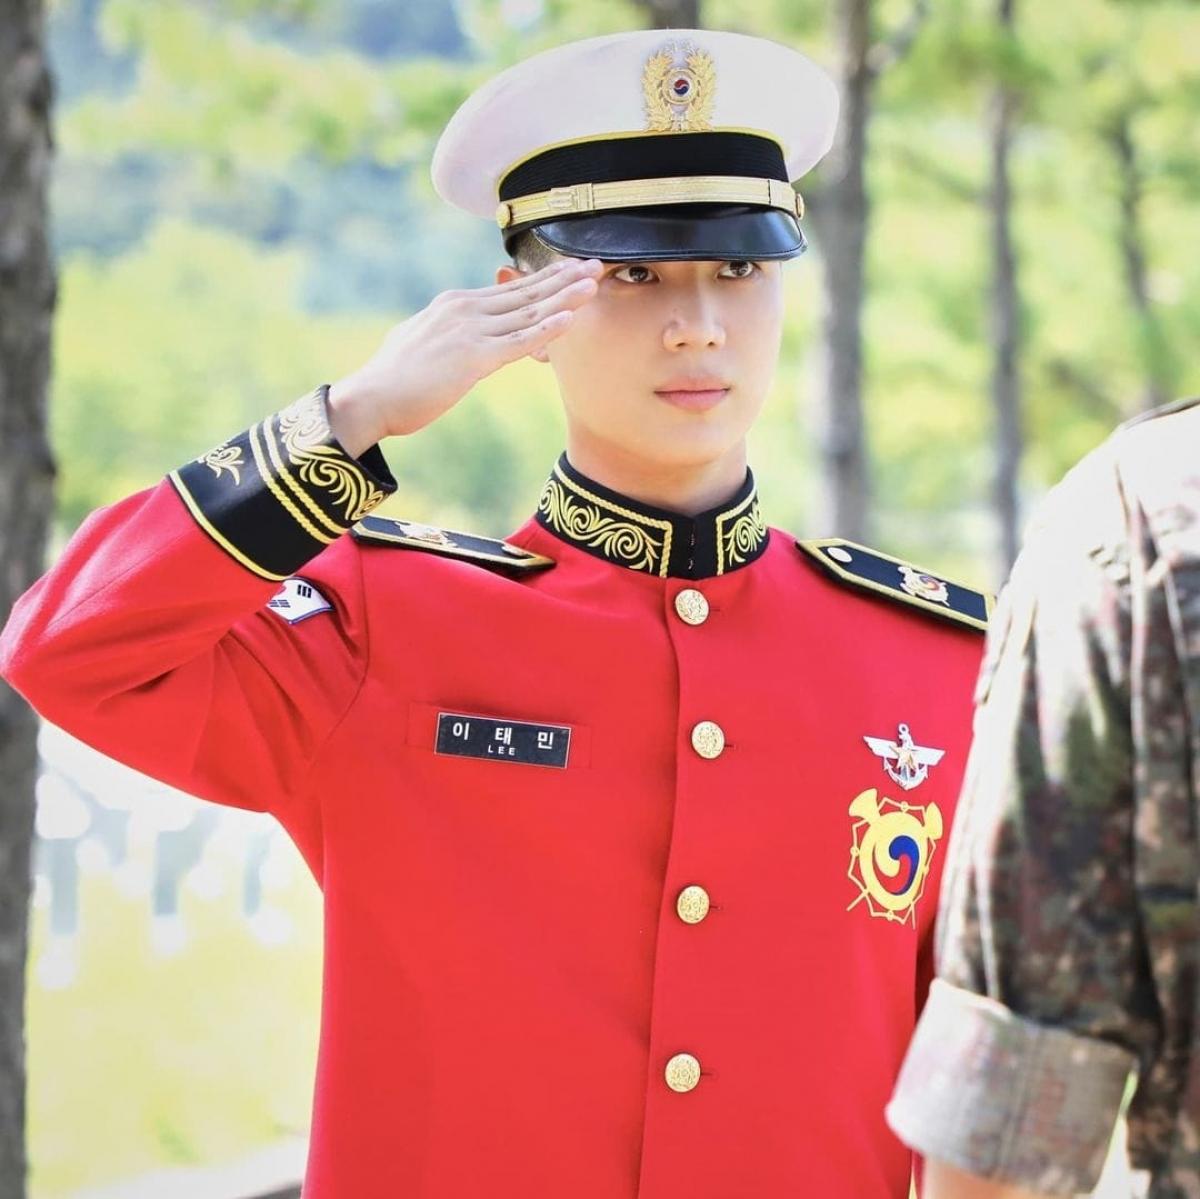 Hình ảnh mới nhất của Taemin (SHINee) trong quân ngũ nhanh chóng gây sốt.